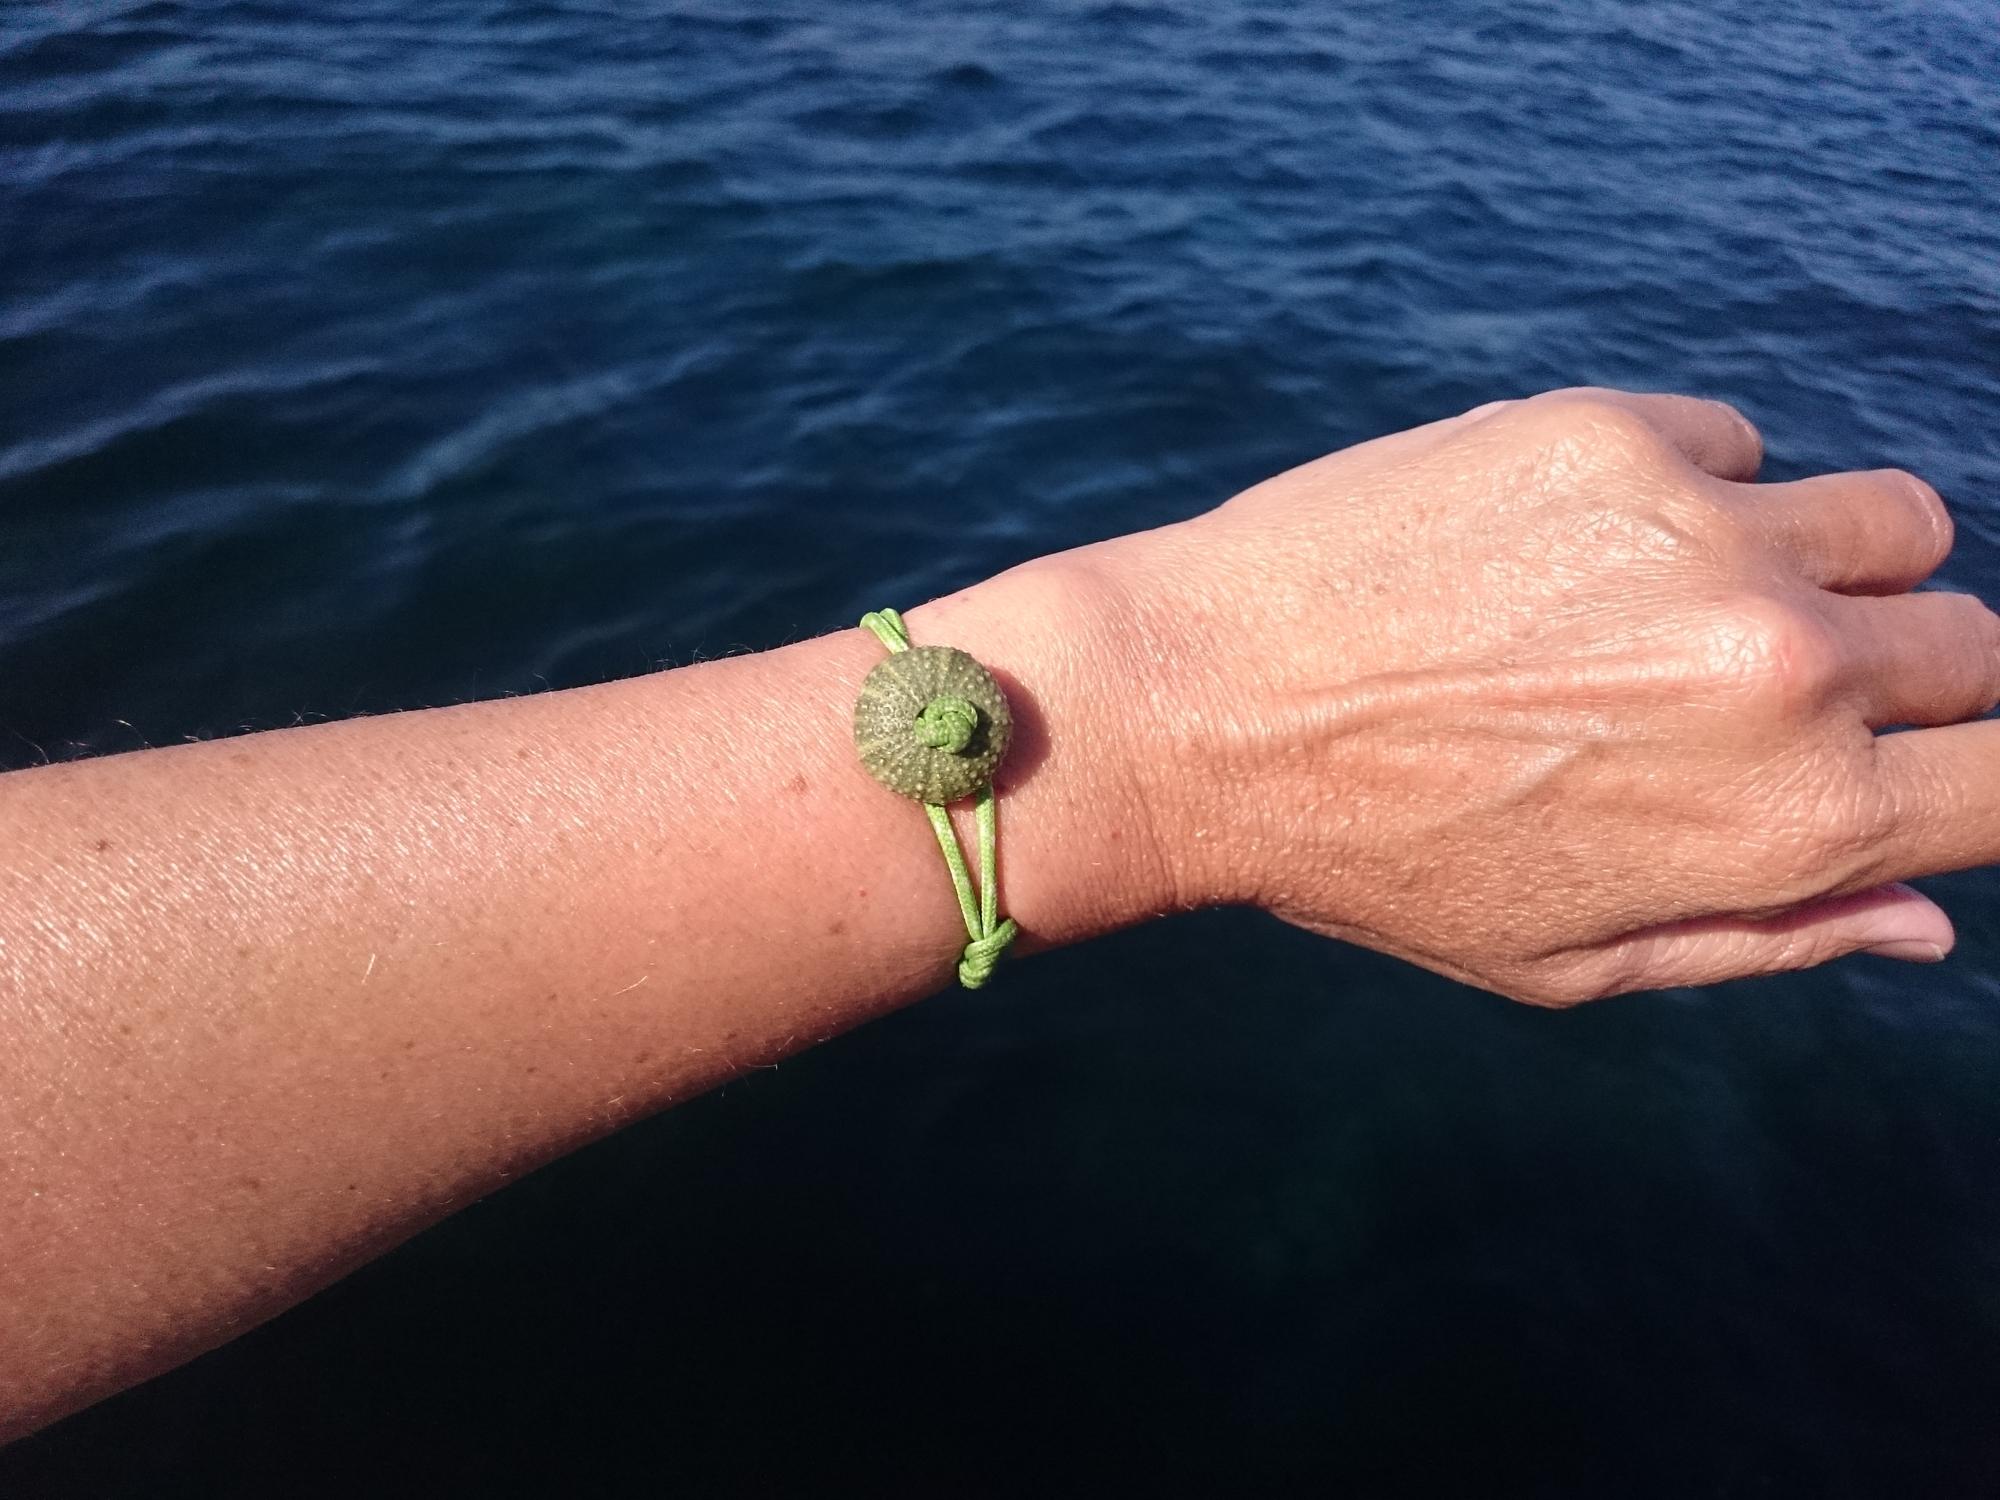 bracelets en cordelette de type marin. petit oursin vert. photo porté sur fond de mer